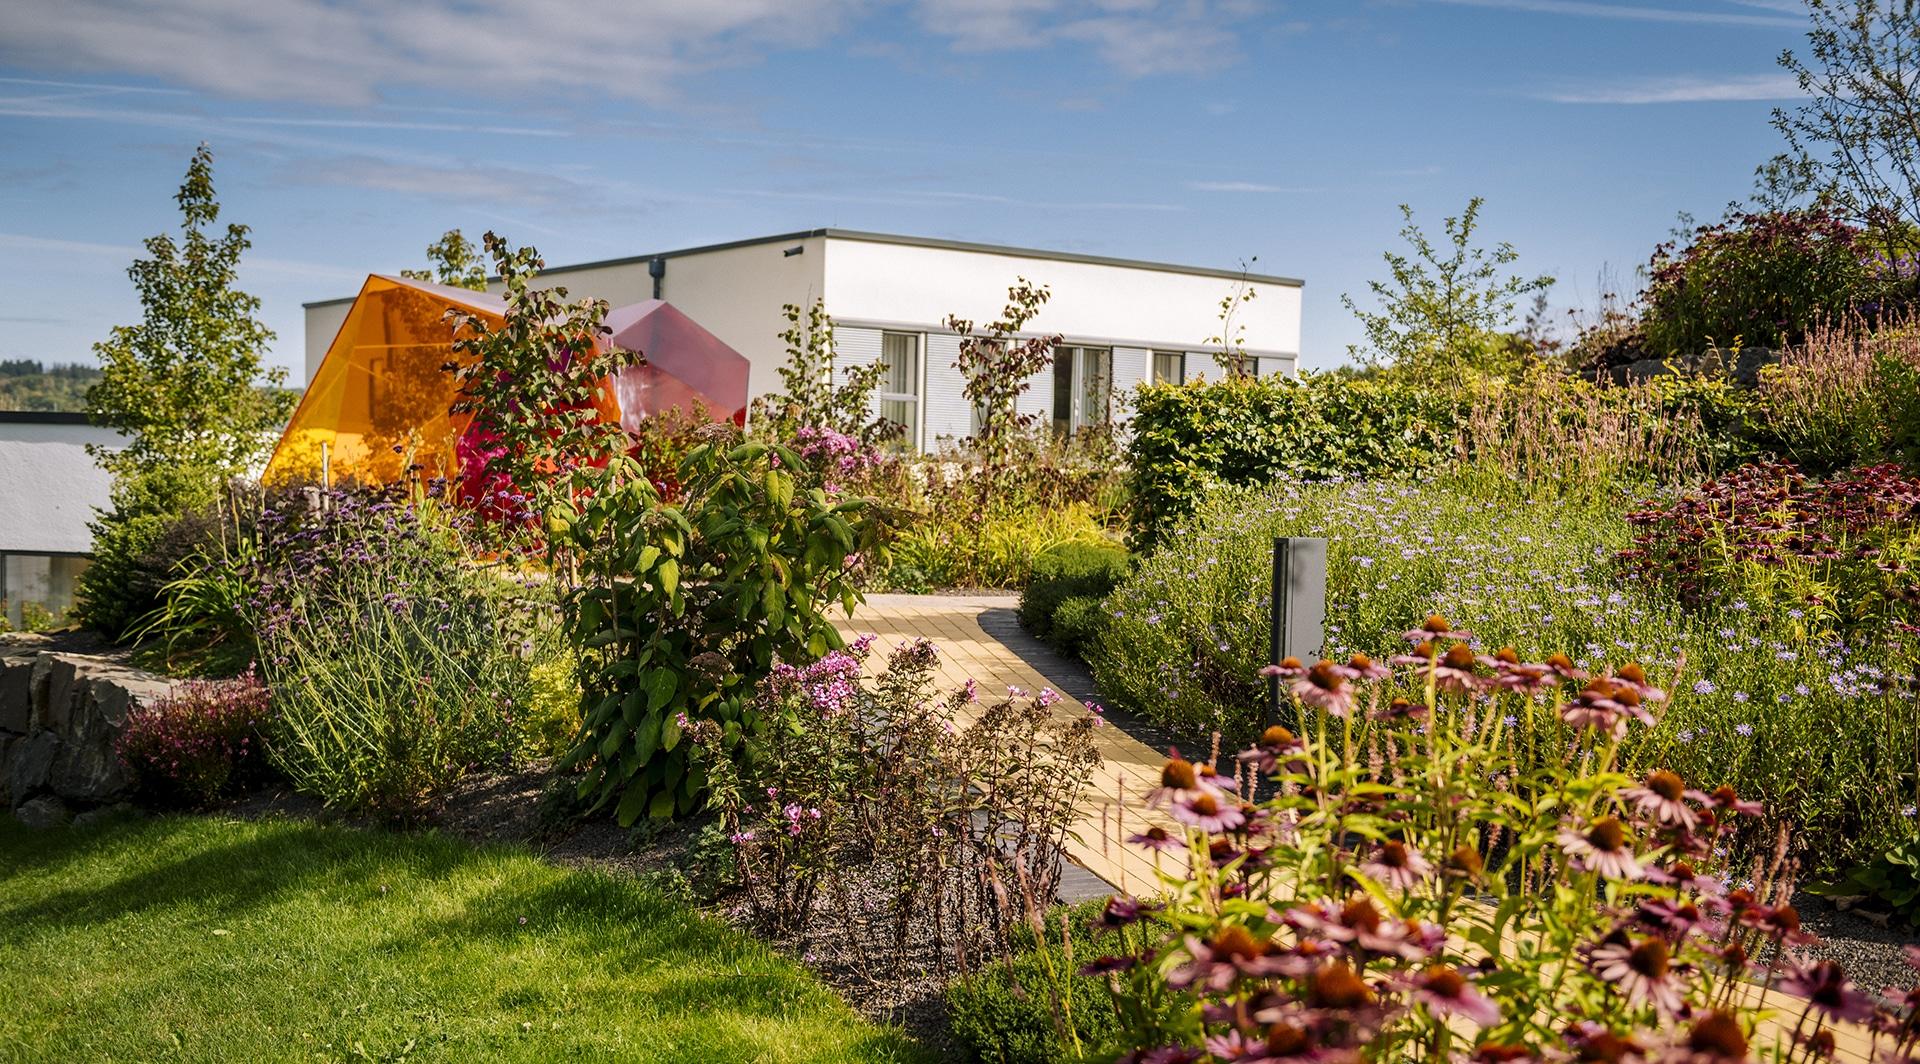 Kramer Garten in Olpe plant und baut Privatgärten sowie Grünanlagen von Unternehmen und öffentlichen Einrichtungen.